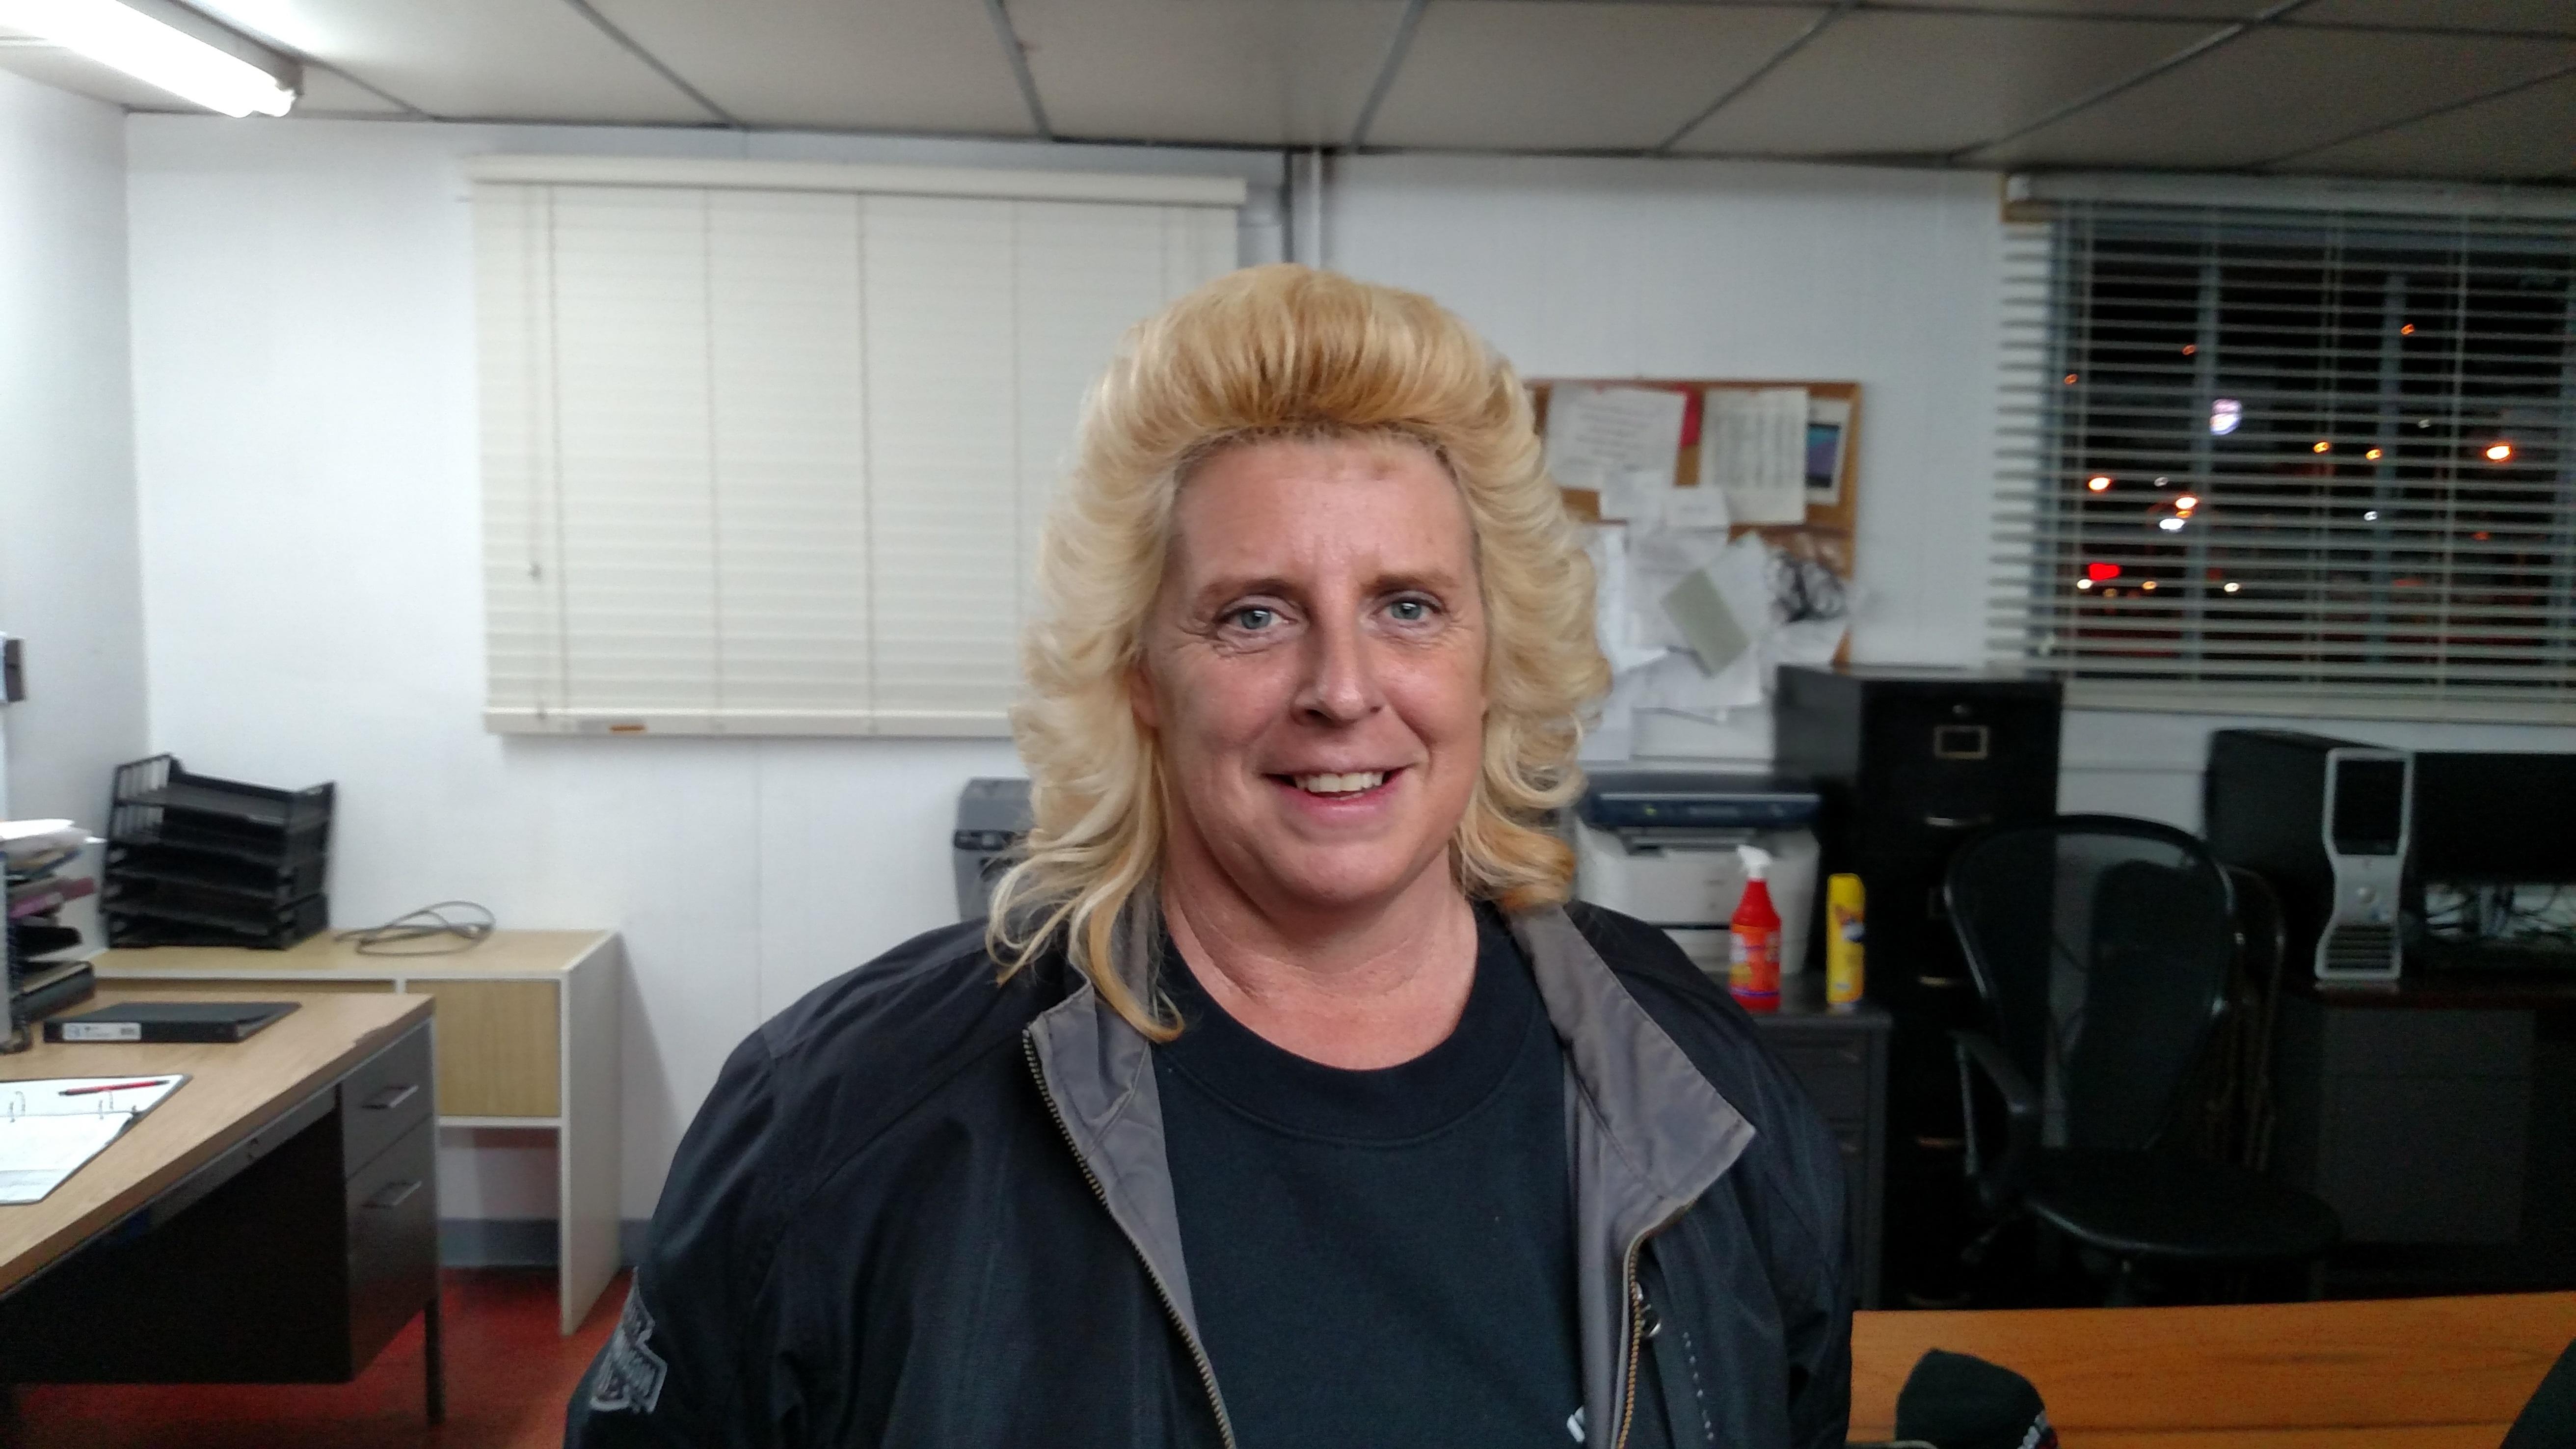 Gail Bentley